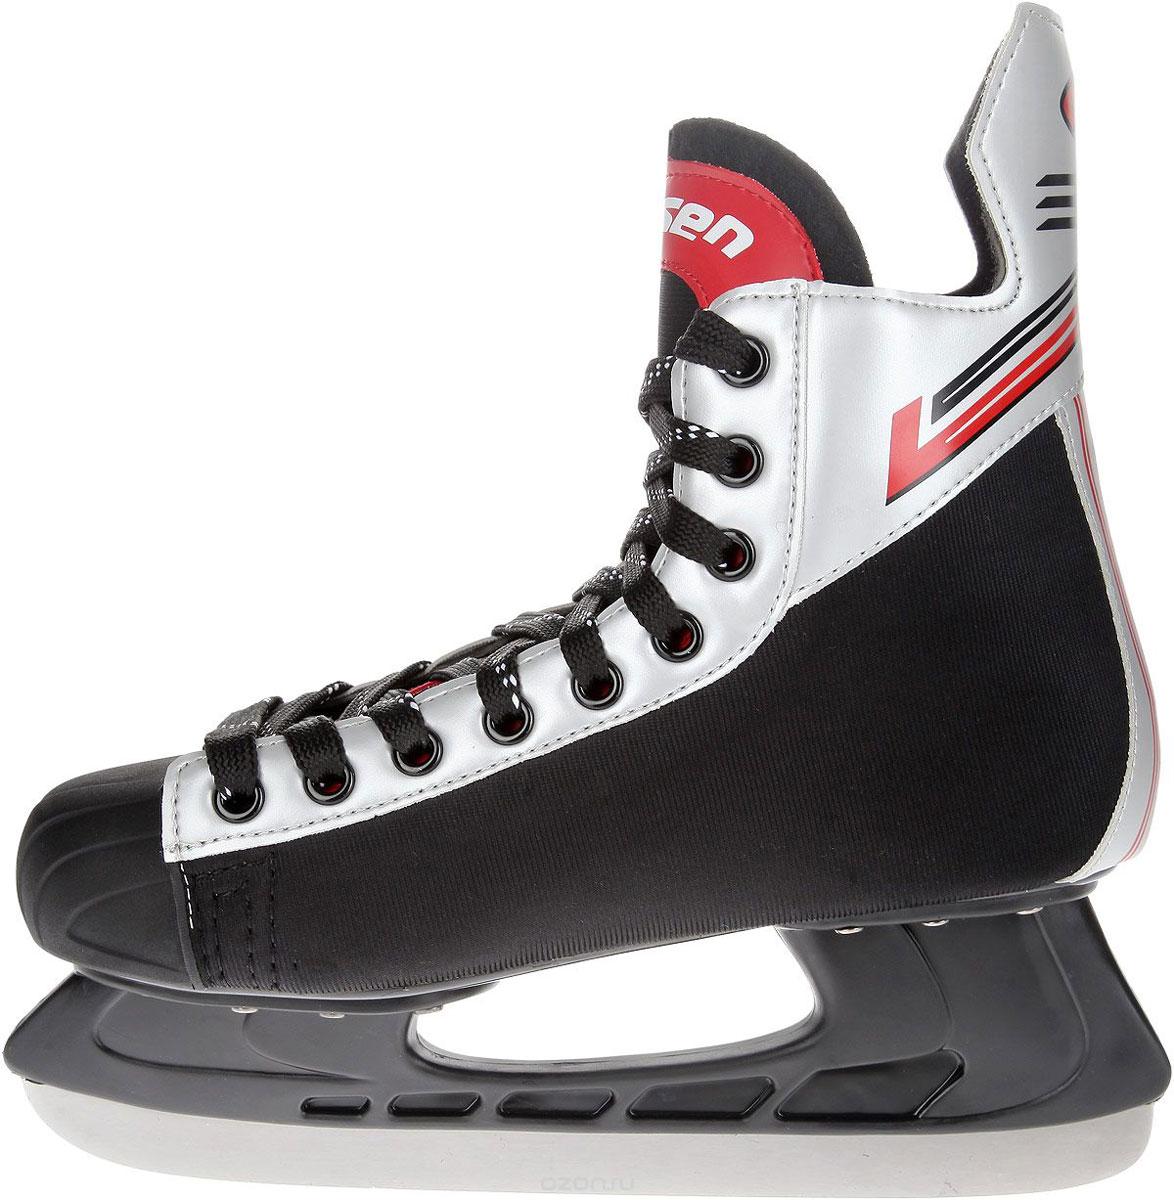 Коньки хоккейные мужские Larsen Alex, цвет: черный, серебристый, красный. Размер 40AlexСтильные коньки Alex от Larsen прекрасно подойдут для начинающих игроков в хоккей. Ботиноквыполнен из нейлона и морозоустойчивого поливинилхлорида. Мыс дополнен вставкой изполиуретана, которая защитит ноги от ударов. Внутренний слой изготовлен из мягкого текстиля,который обеспечит тепло и комфорт во время катания, язычок - из войлока. Плотная шнуровканадежно фиксирует модель на ноге. Голеностоп имеет удобный суппорт. Стелька из EVA стекстильной поверхностью обеспечит комфортное катание. Стойка выполнена изударопрочного полипропилена. Лезвие из нержавеющей стали обеспечит превосходноескольжение. В комплект входят пластиковые чехлы для лезвий.